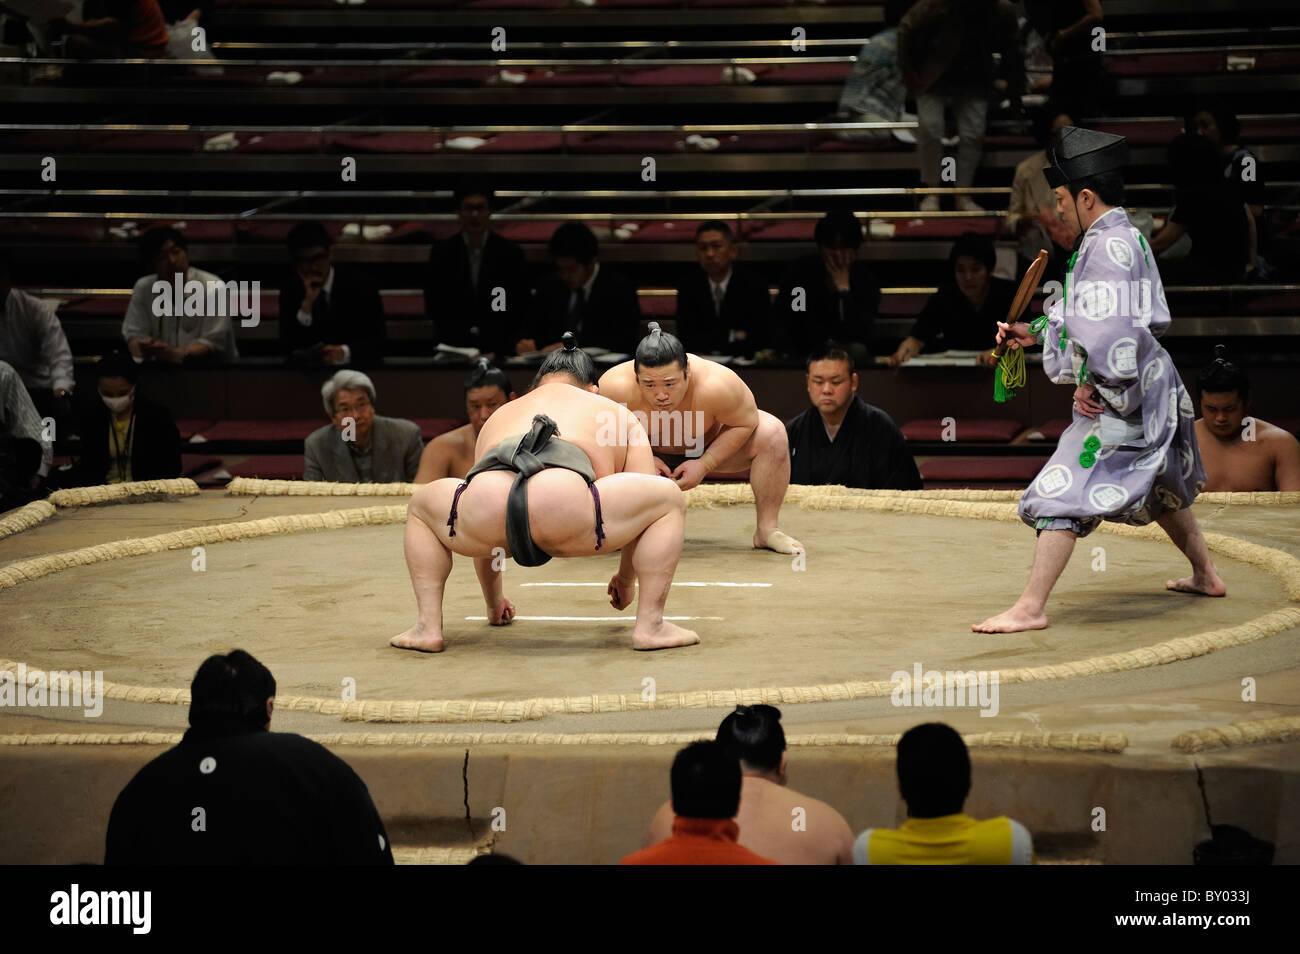 Due lottatori di sumo a destra prima di bout, Grandi Campionati di Sumo maggio 2010, Ryogoku Kokugikan, Tokyo, Giappone Immagini Stock